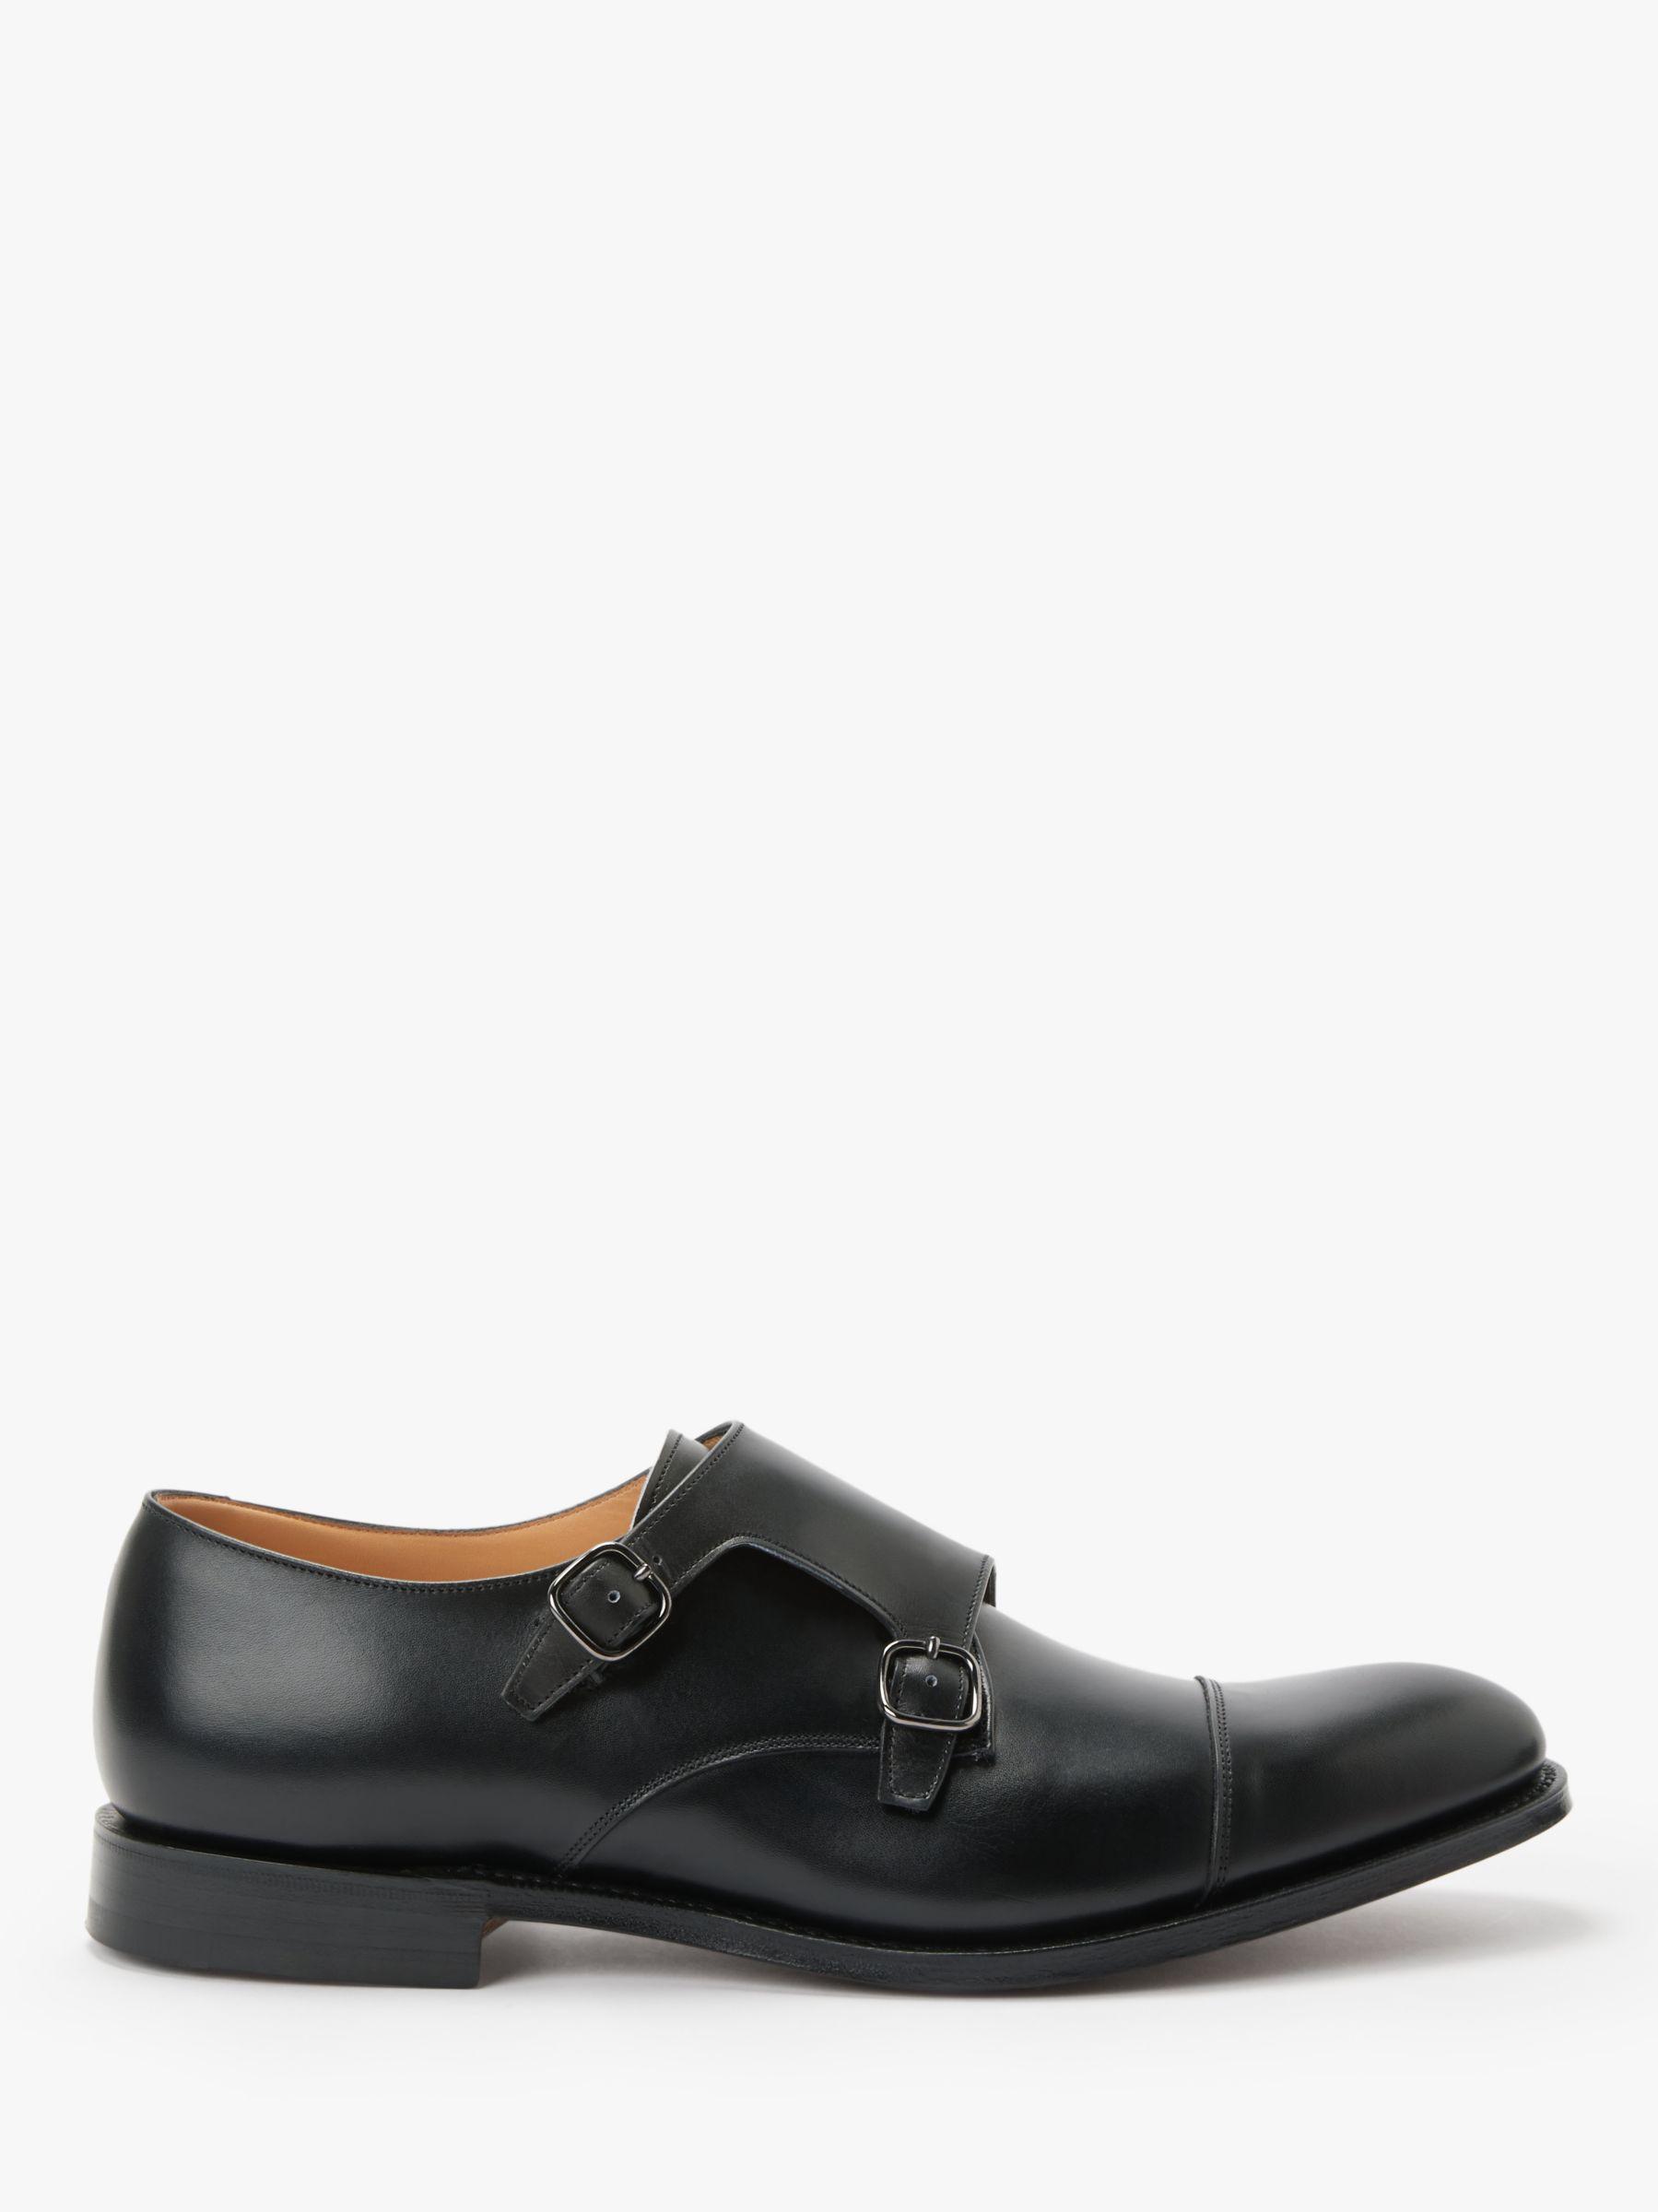 Church's Church's Detroit Leather Monk Shoes, Black